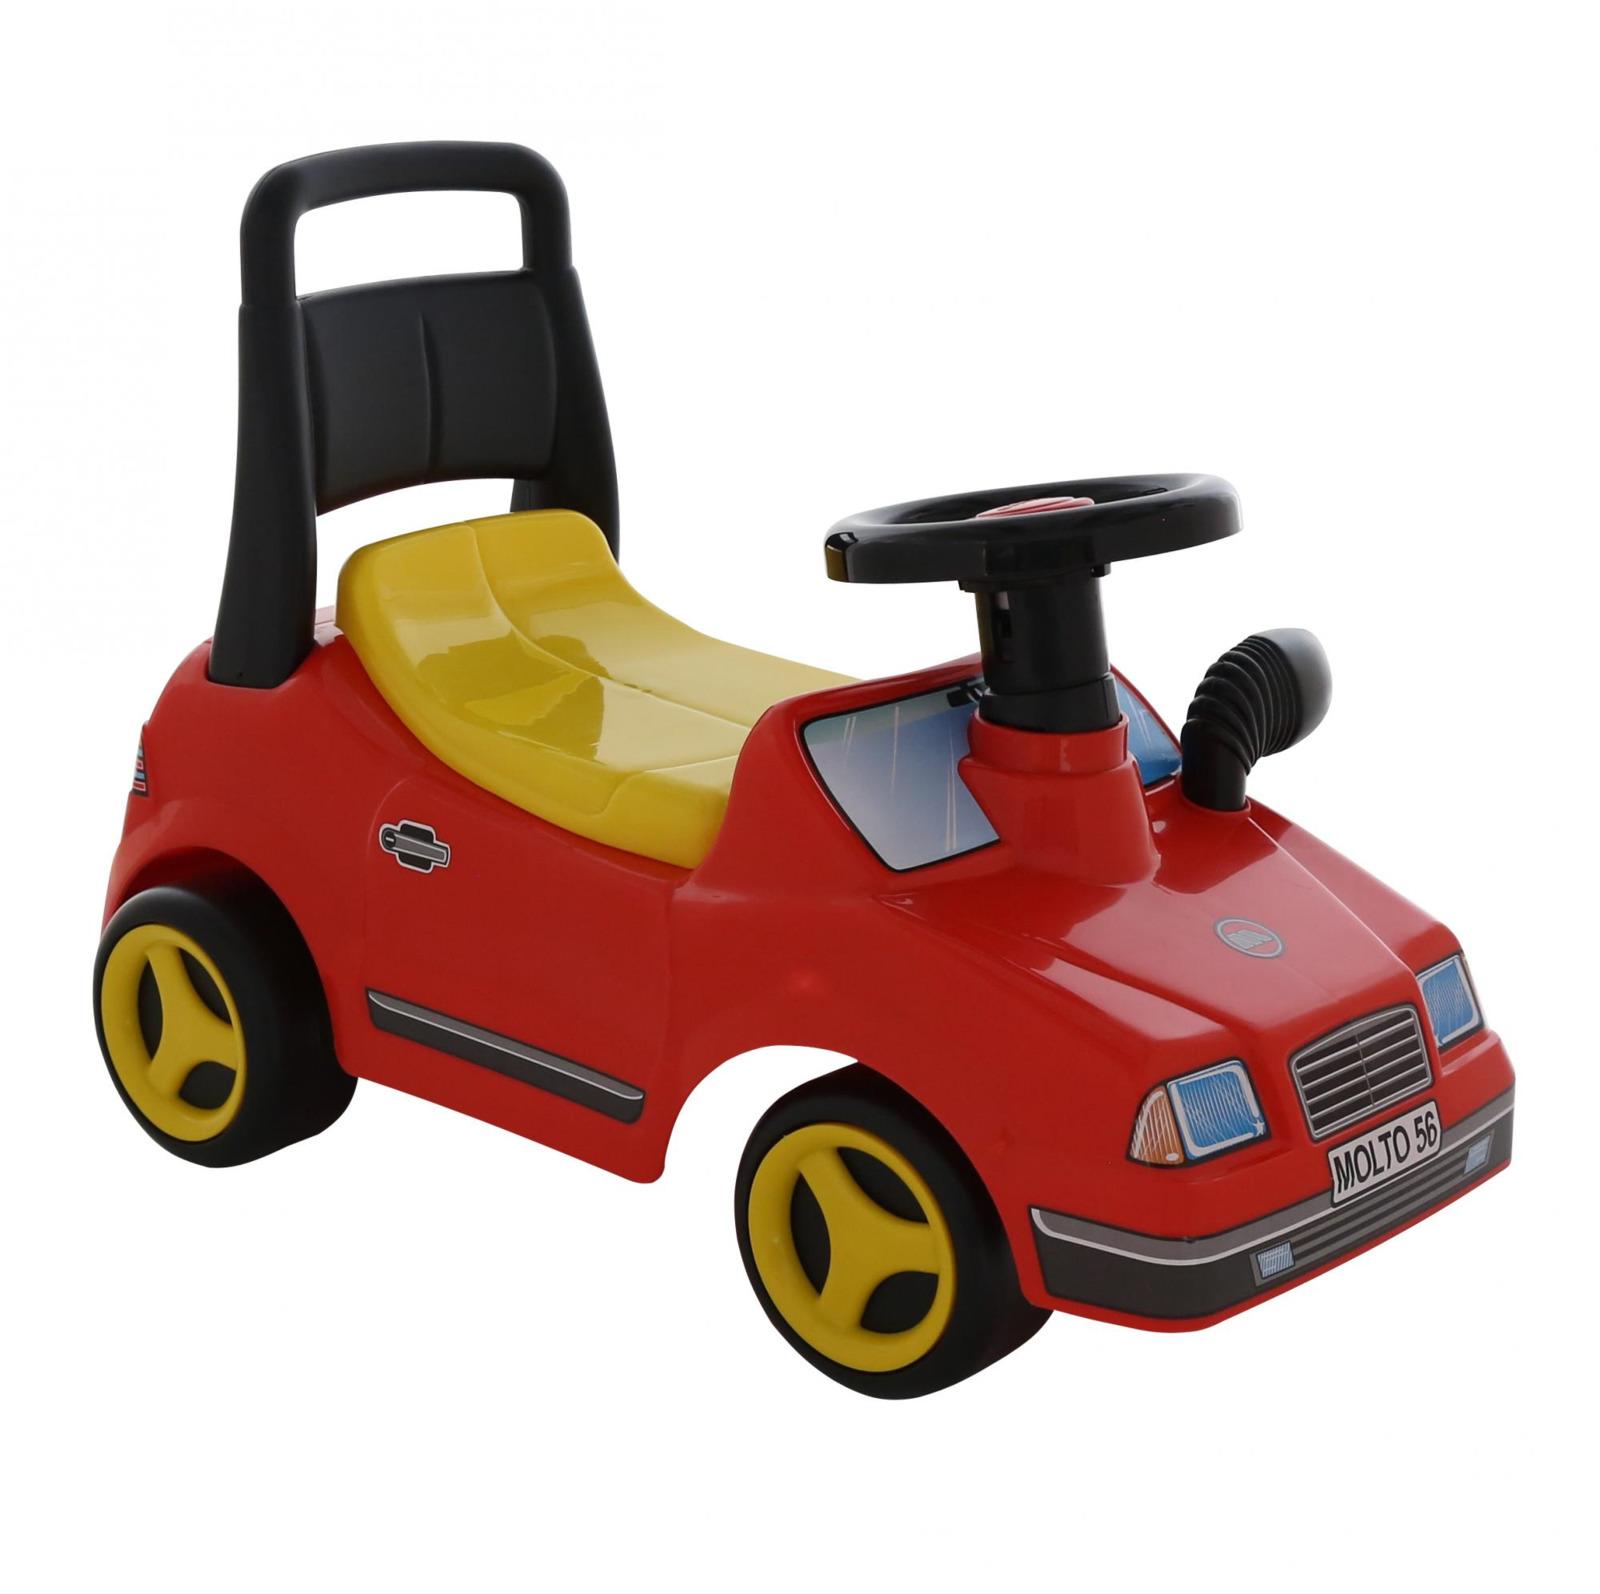 Автомобиль-каталка Полесье Вихрь, цвет в ассортименте67203Автомобиль-каталка Вихрь от производителя Полесье может стать одной из самых любимых игрушек ребёнка дошкольного возраста. Ребенок, сидя на каталке, отталкивается ножками и тем самым развивает мышцы спины, ног и рук, кроме того, такое катание способствует развитию общей координации движений. Ребенок может катать каталку и перед собой, совершенствуя навыки ходьбы. Уважаемые клиенты! Обращаем ваше внимание на цветовой ассортимент товара. Поставка осуществляется в зависимости от наличия на складе.